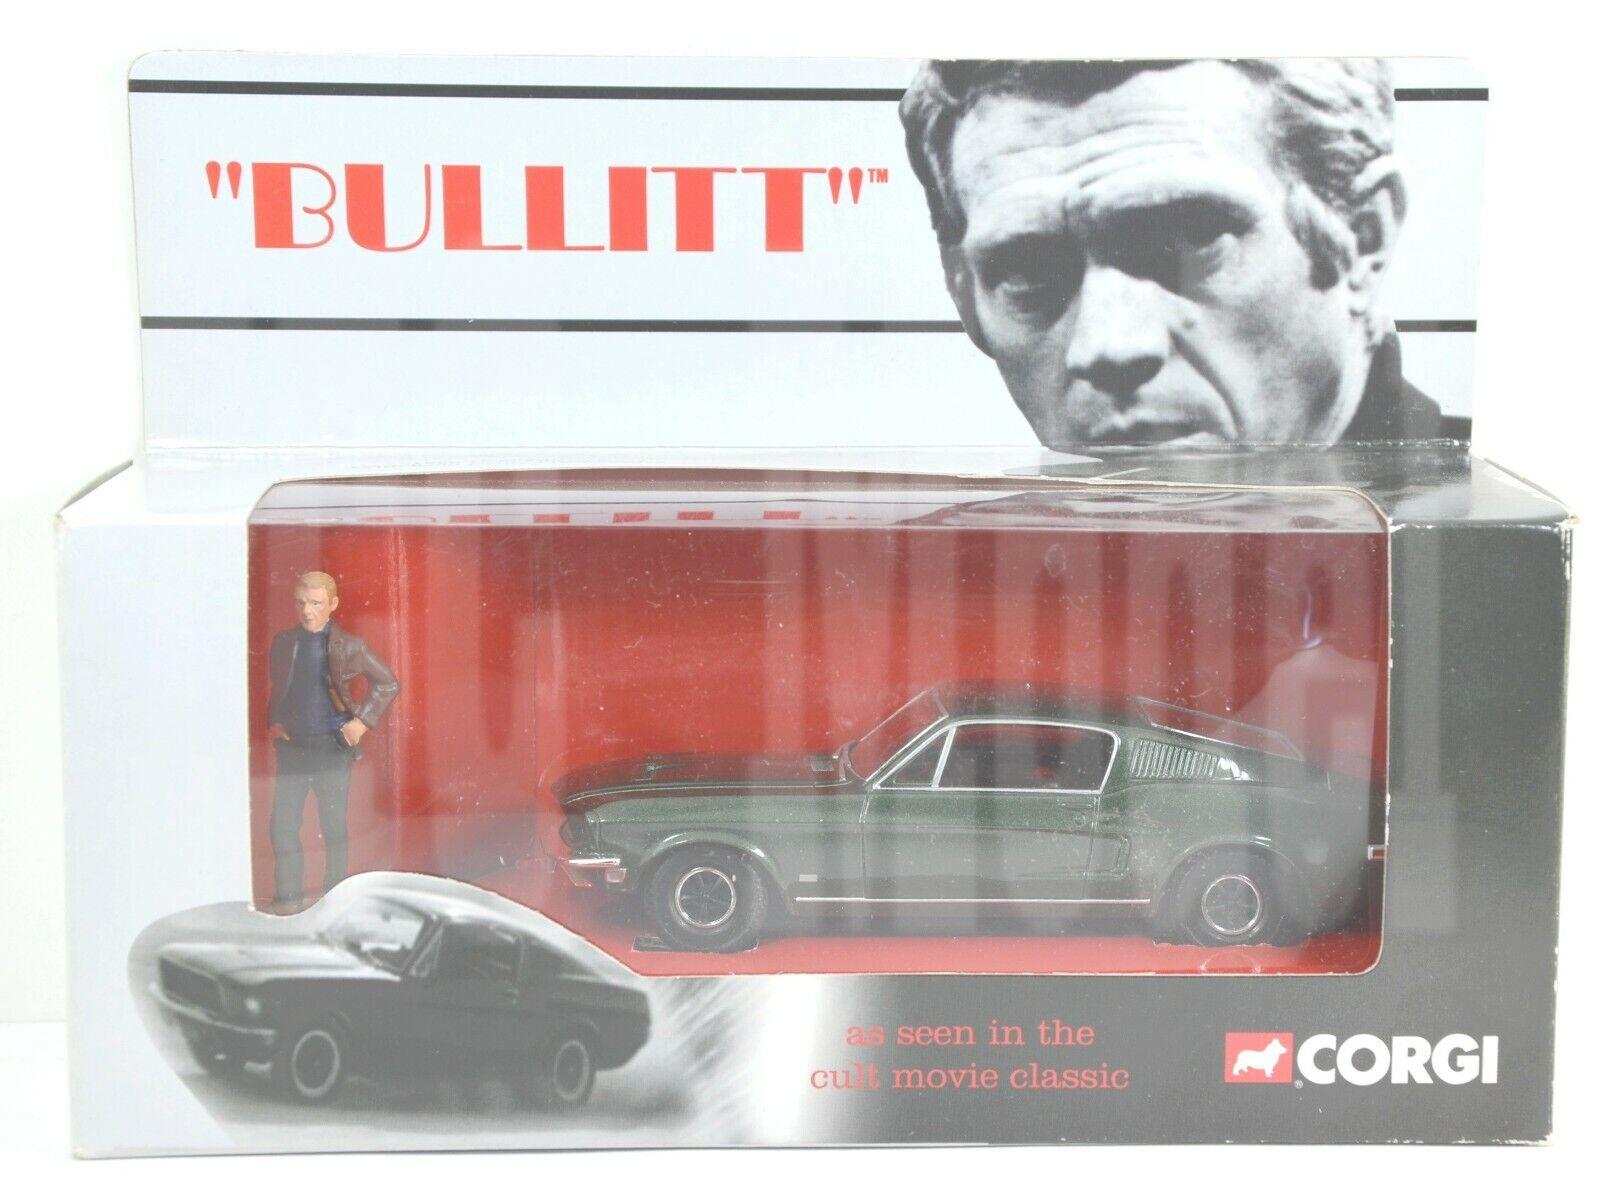 M1308 CORGI -  BULLITT  Steve McQueen ( Ford Mustang 1968 ) with Figure